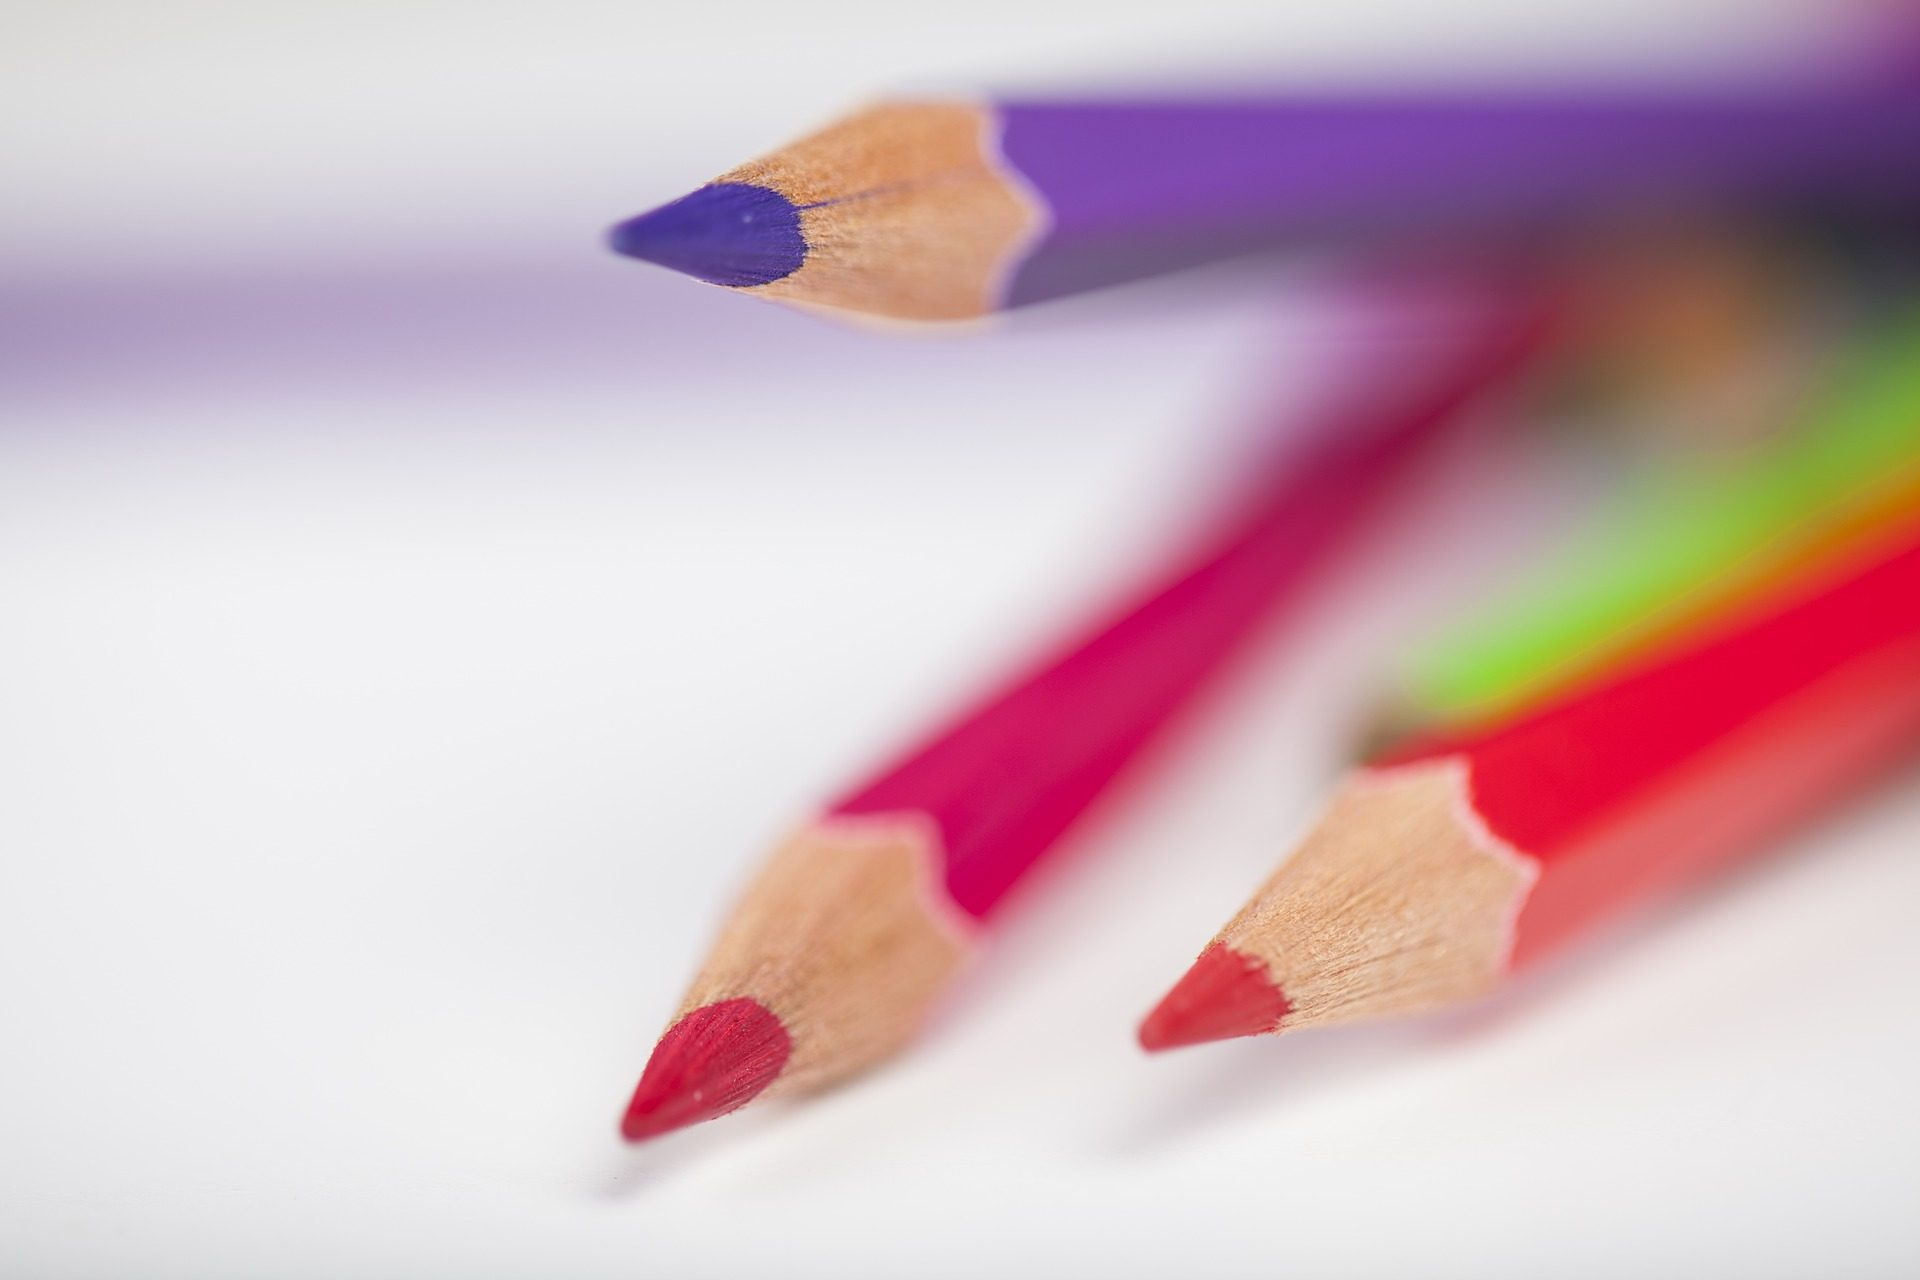 μολύβια, χρώματα, Συμβουλές, ξύλο, σχετικά με - Wallpapers HD - Professor-falken.com